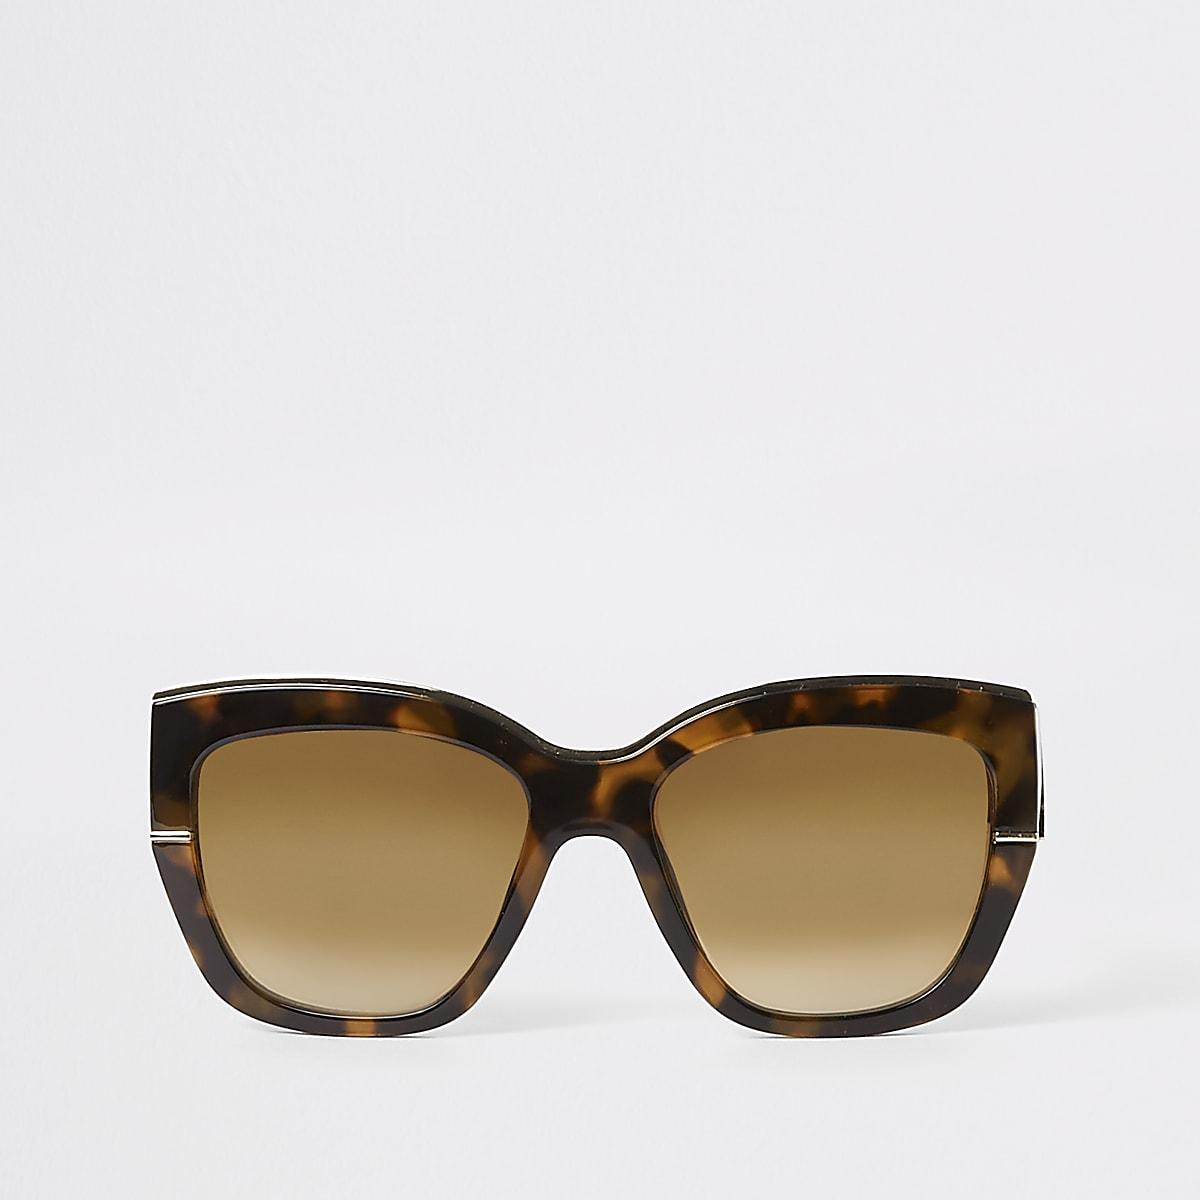 196ae70aba95b2 ... Bruine goudkleurige glamour zonnebril met tortoise-effect ...